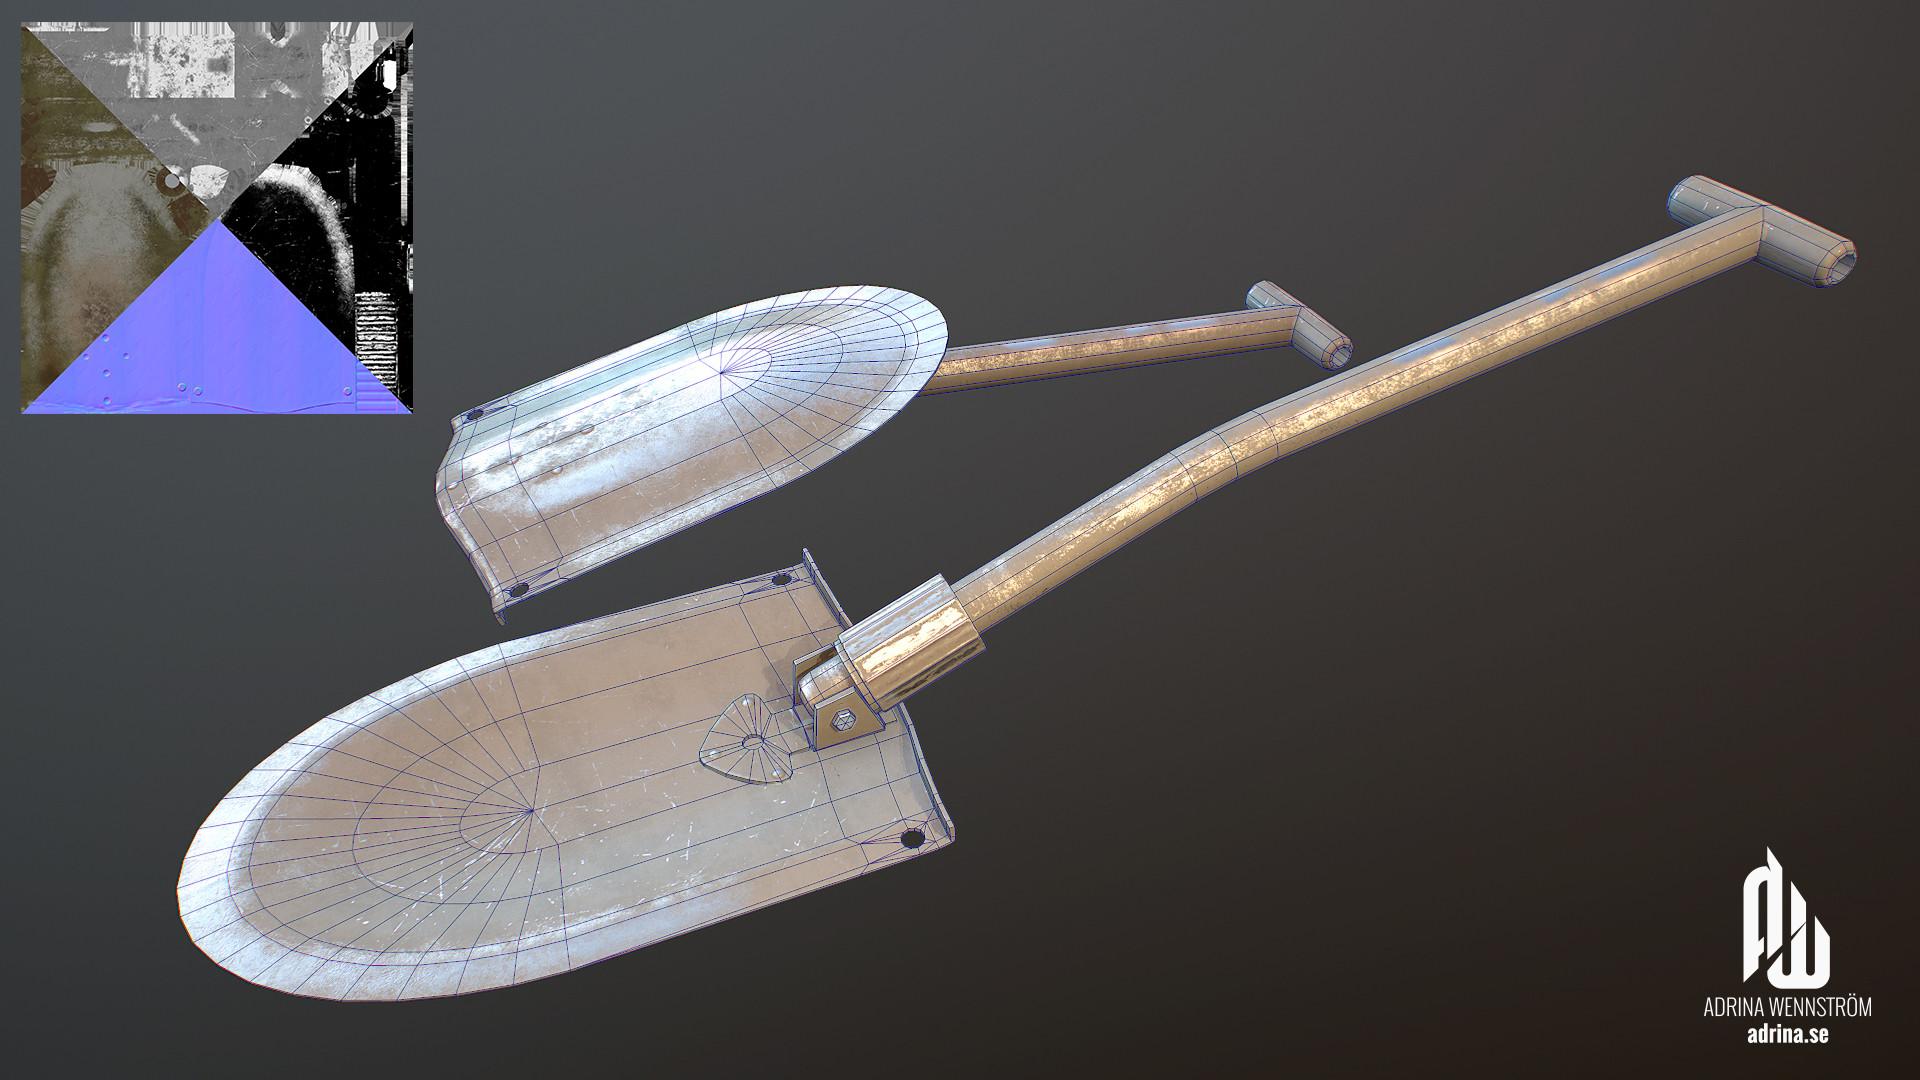 Adrina wennstrom shovel02